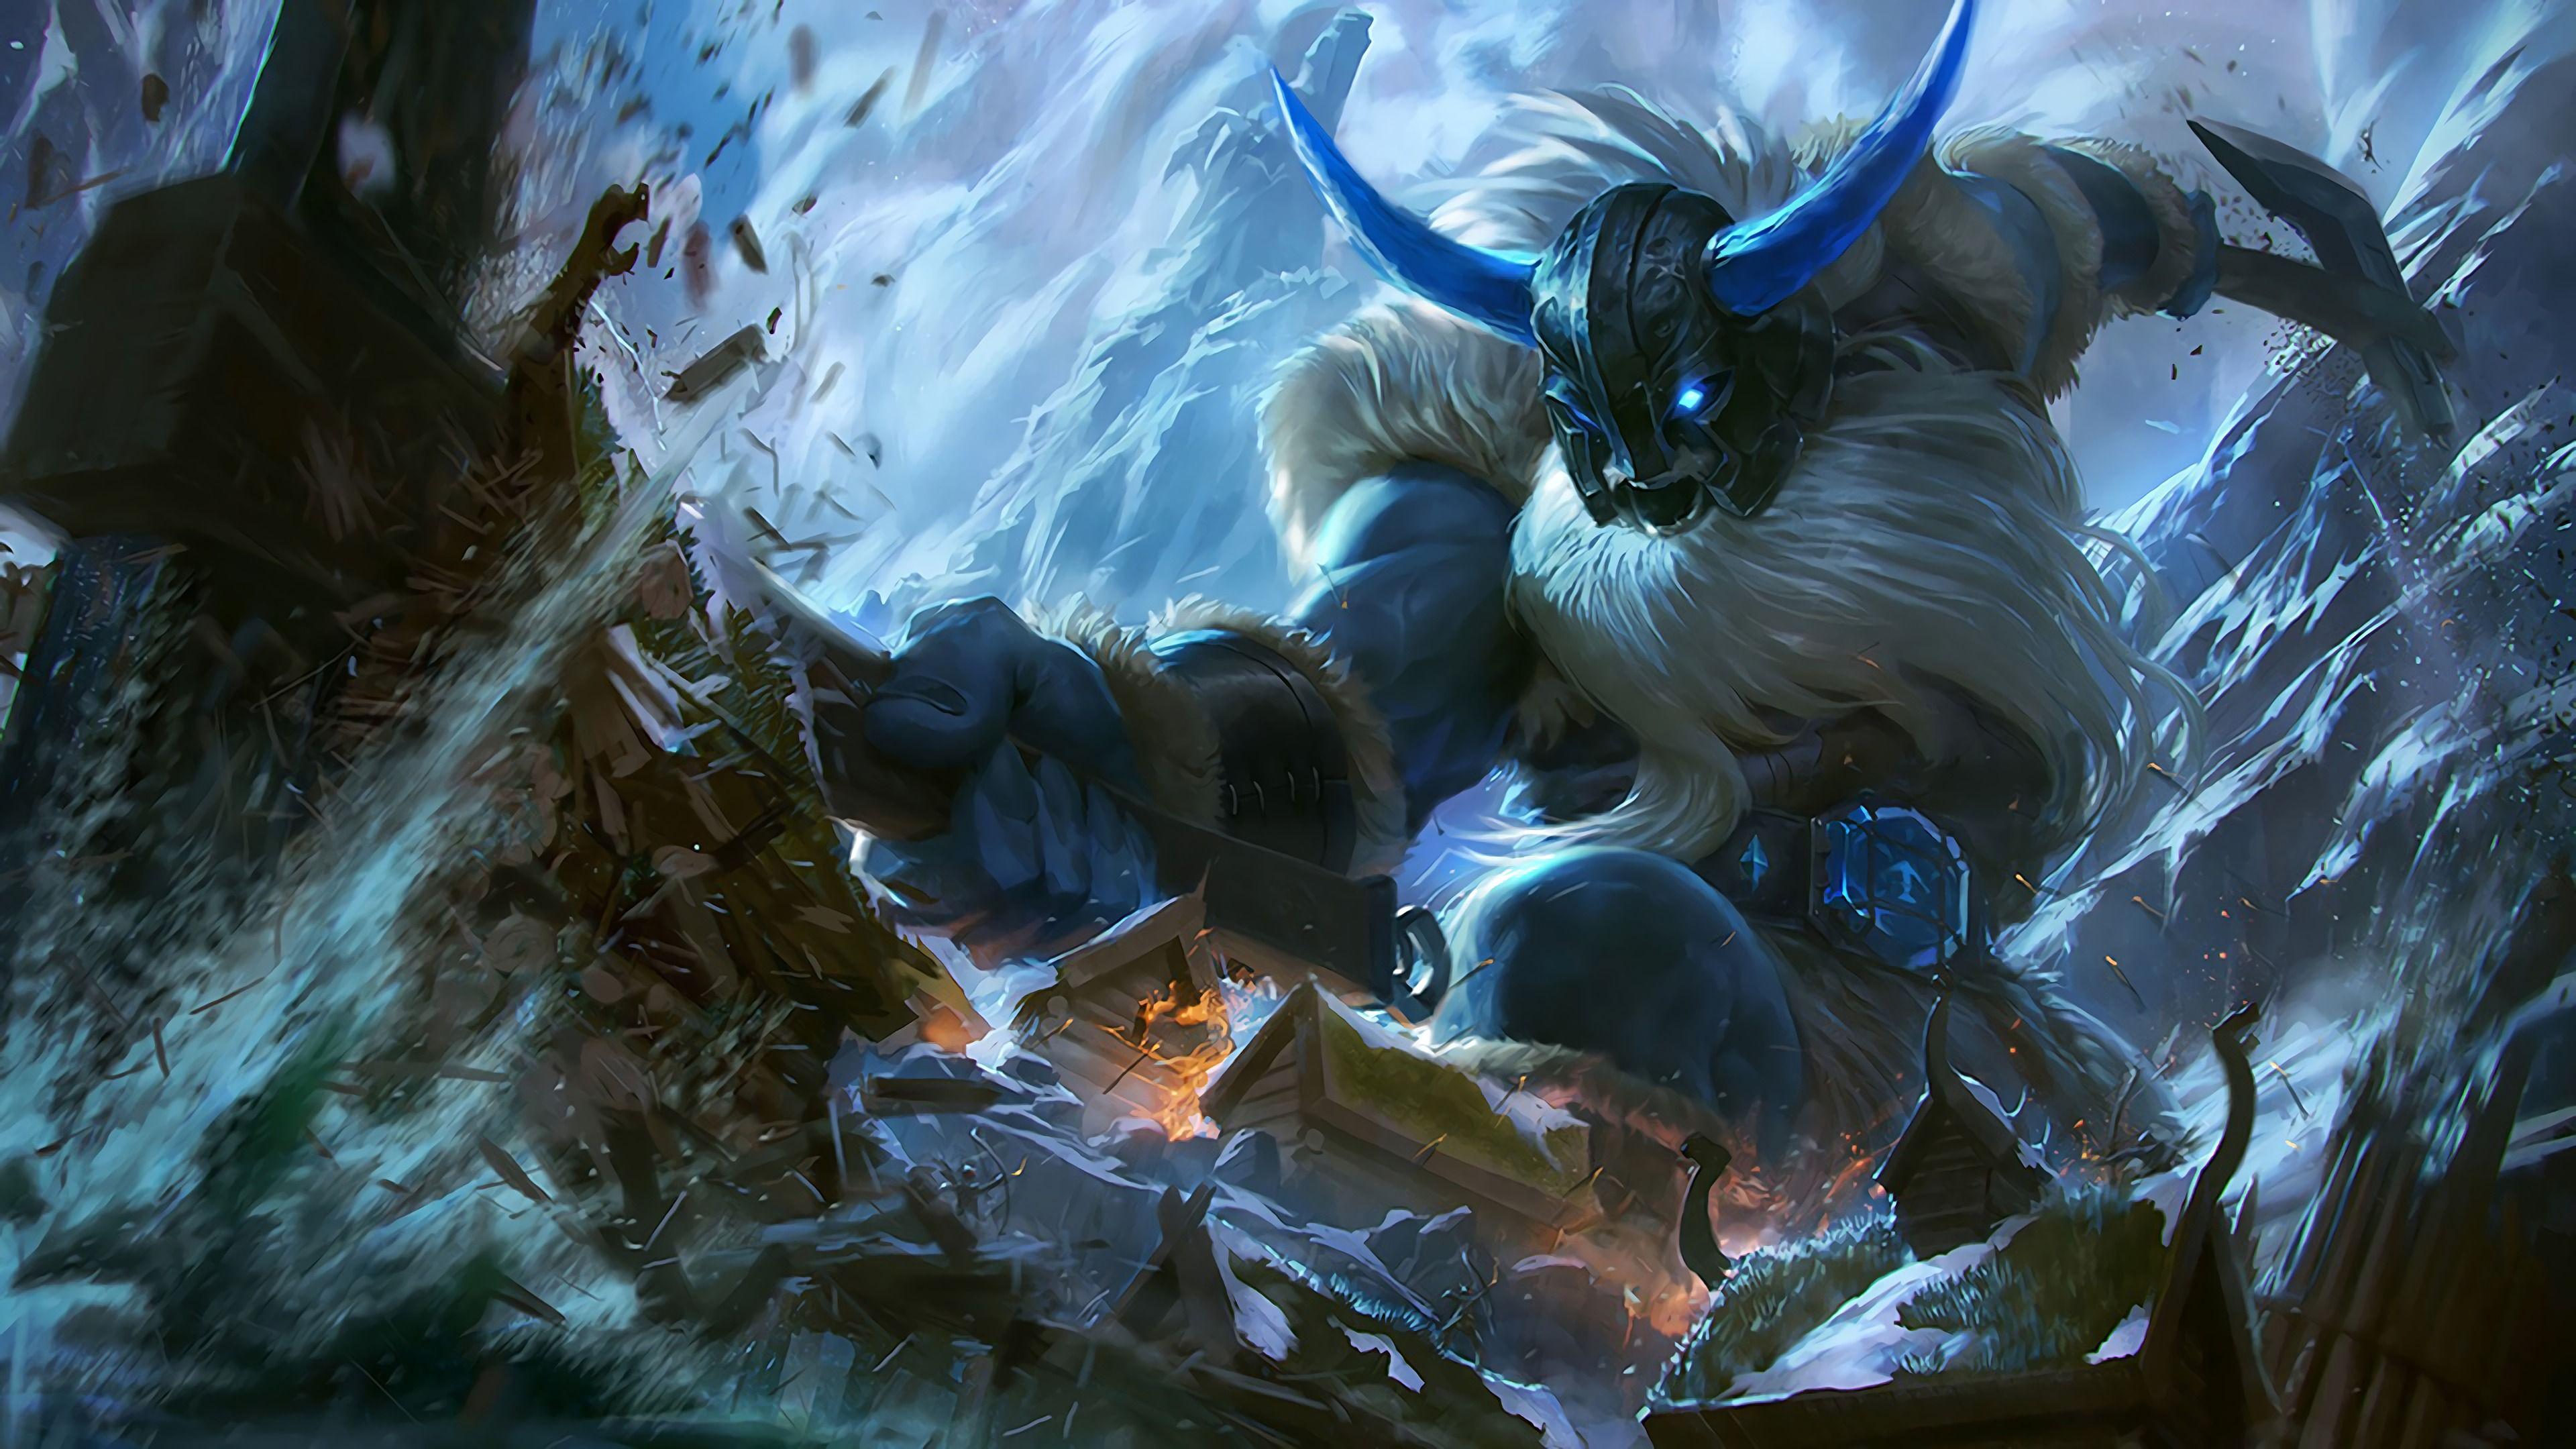 Glacial Olaf League Of Legends Wallpaper Hd League Of Legends Wallpapers Art Of Lol In 2021 League Of Legends League Of Legends Game Olaf